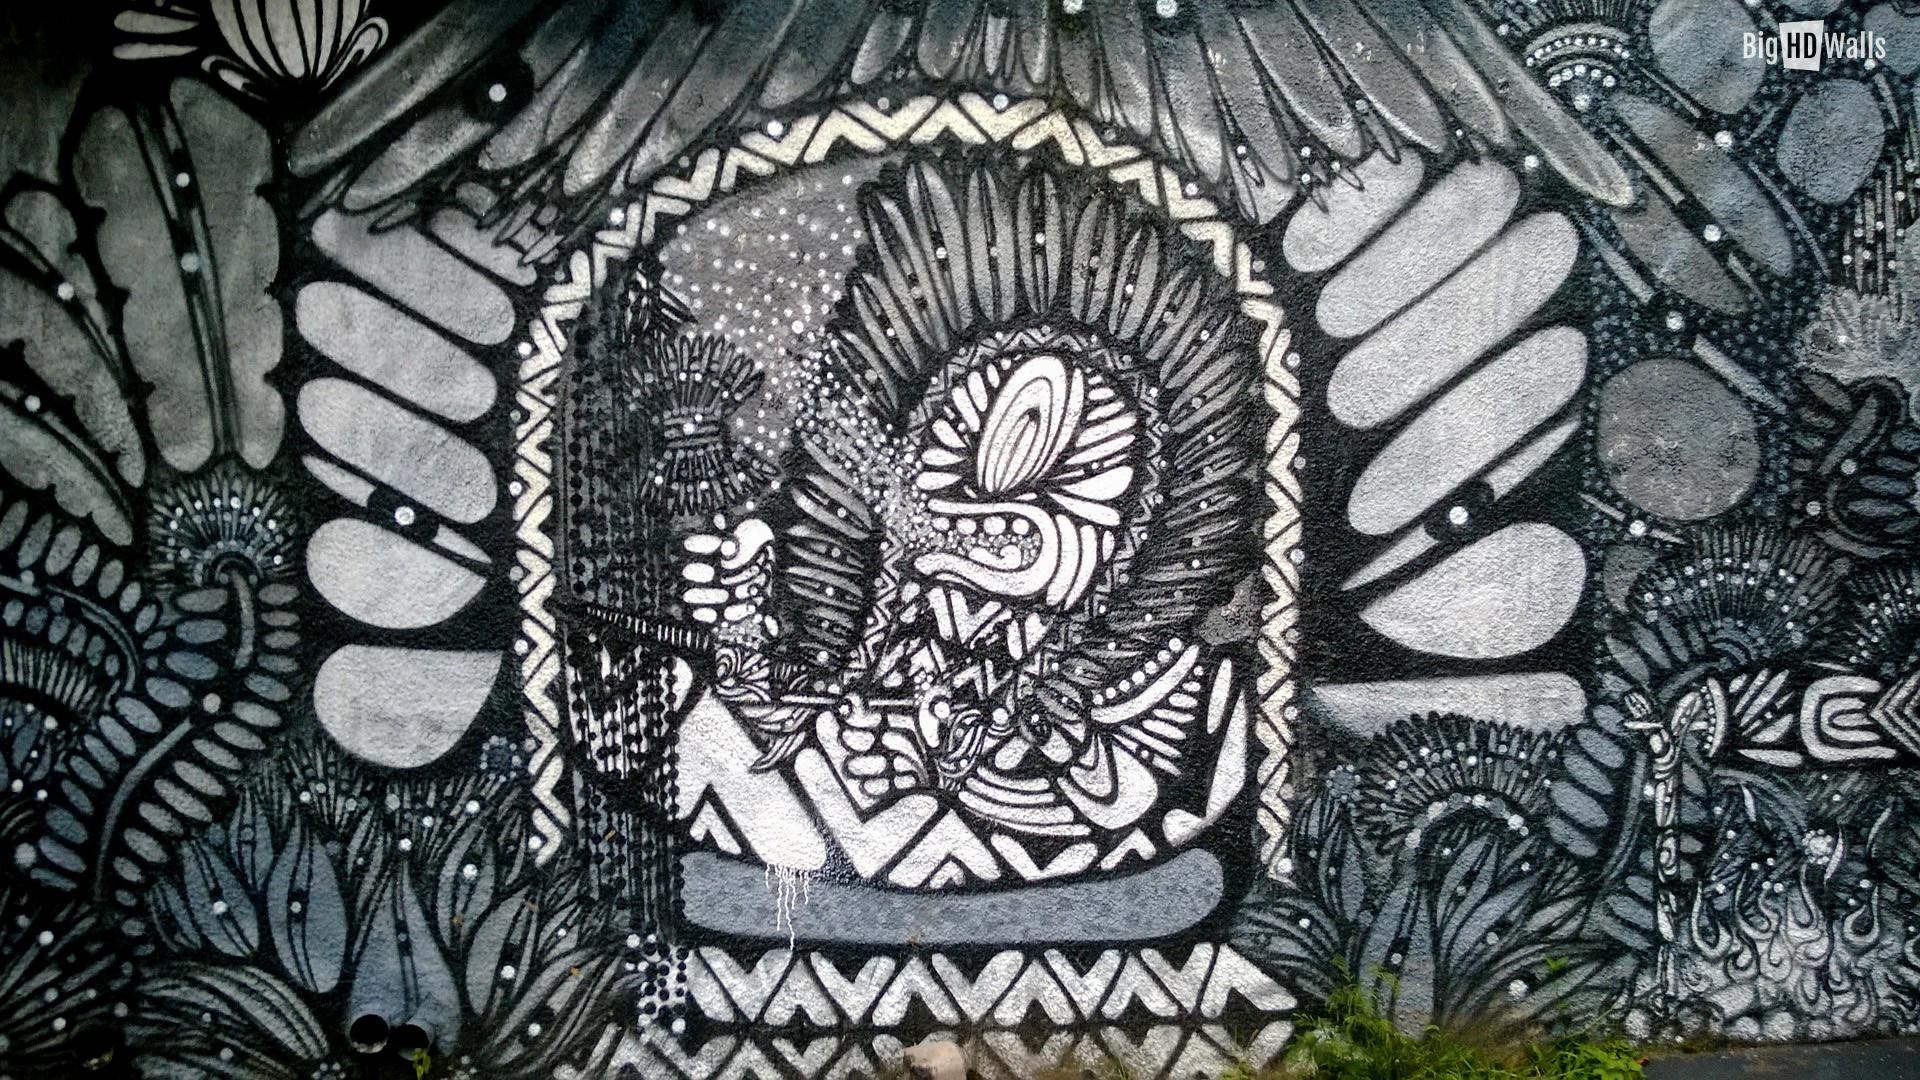 1920x1080 1 pulp fiction street art hd wallpapers backgrounds wallpaper hd wallpapers